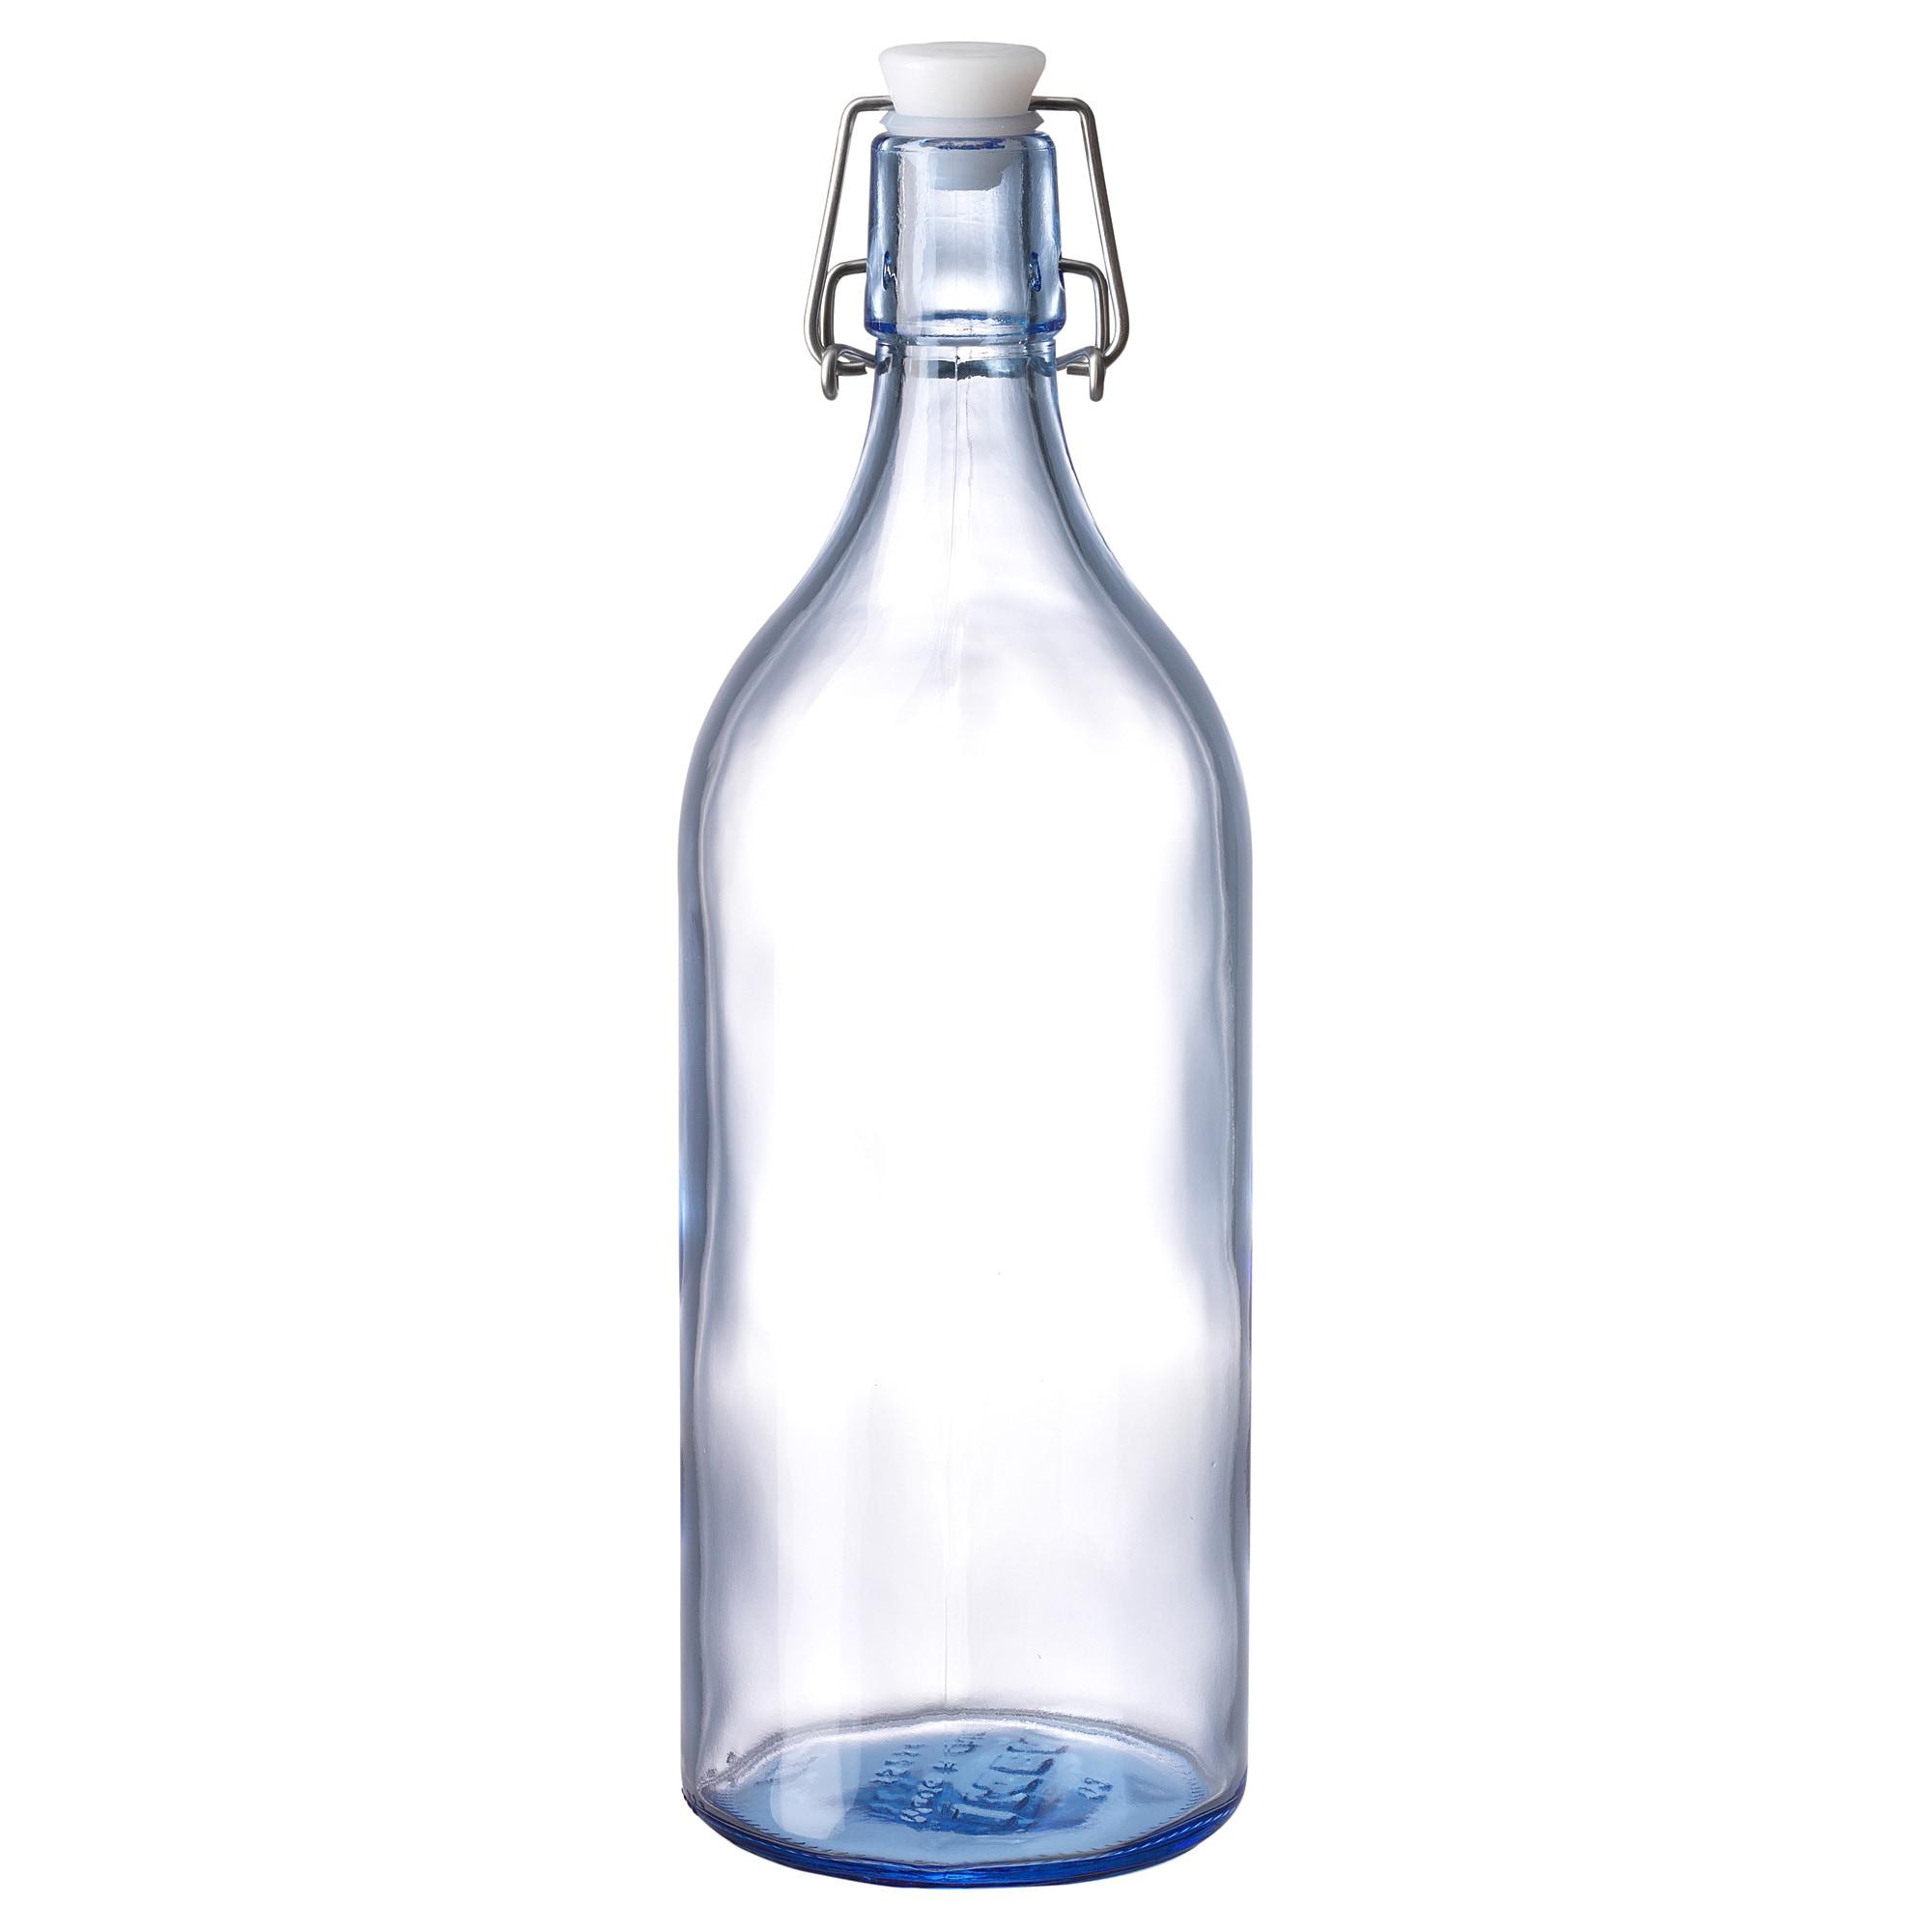 Бутылка с пробкой КОРКЕН синий артикуль № 804.253.92 в наличии. Online магазин ИКЕА РБ. Быстрая доставка и установка.